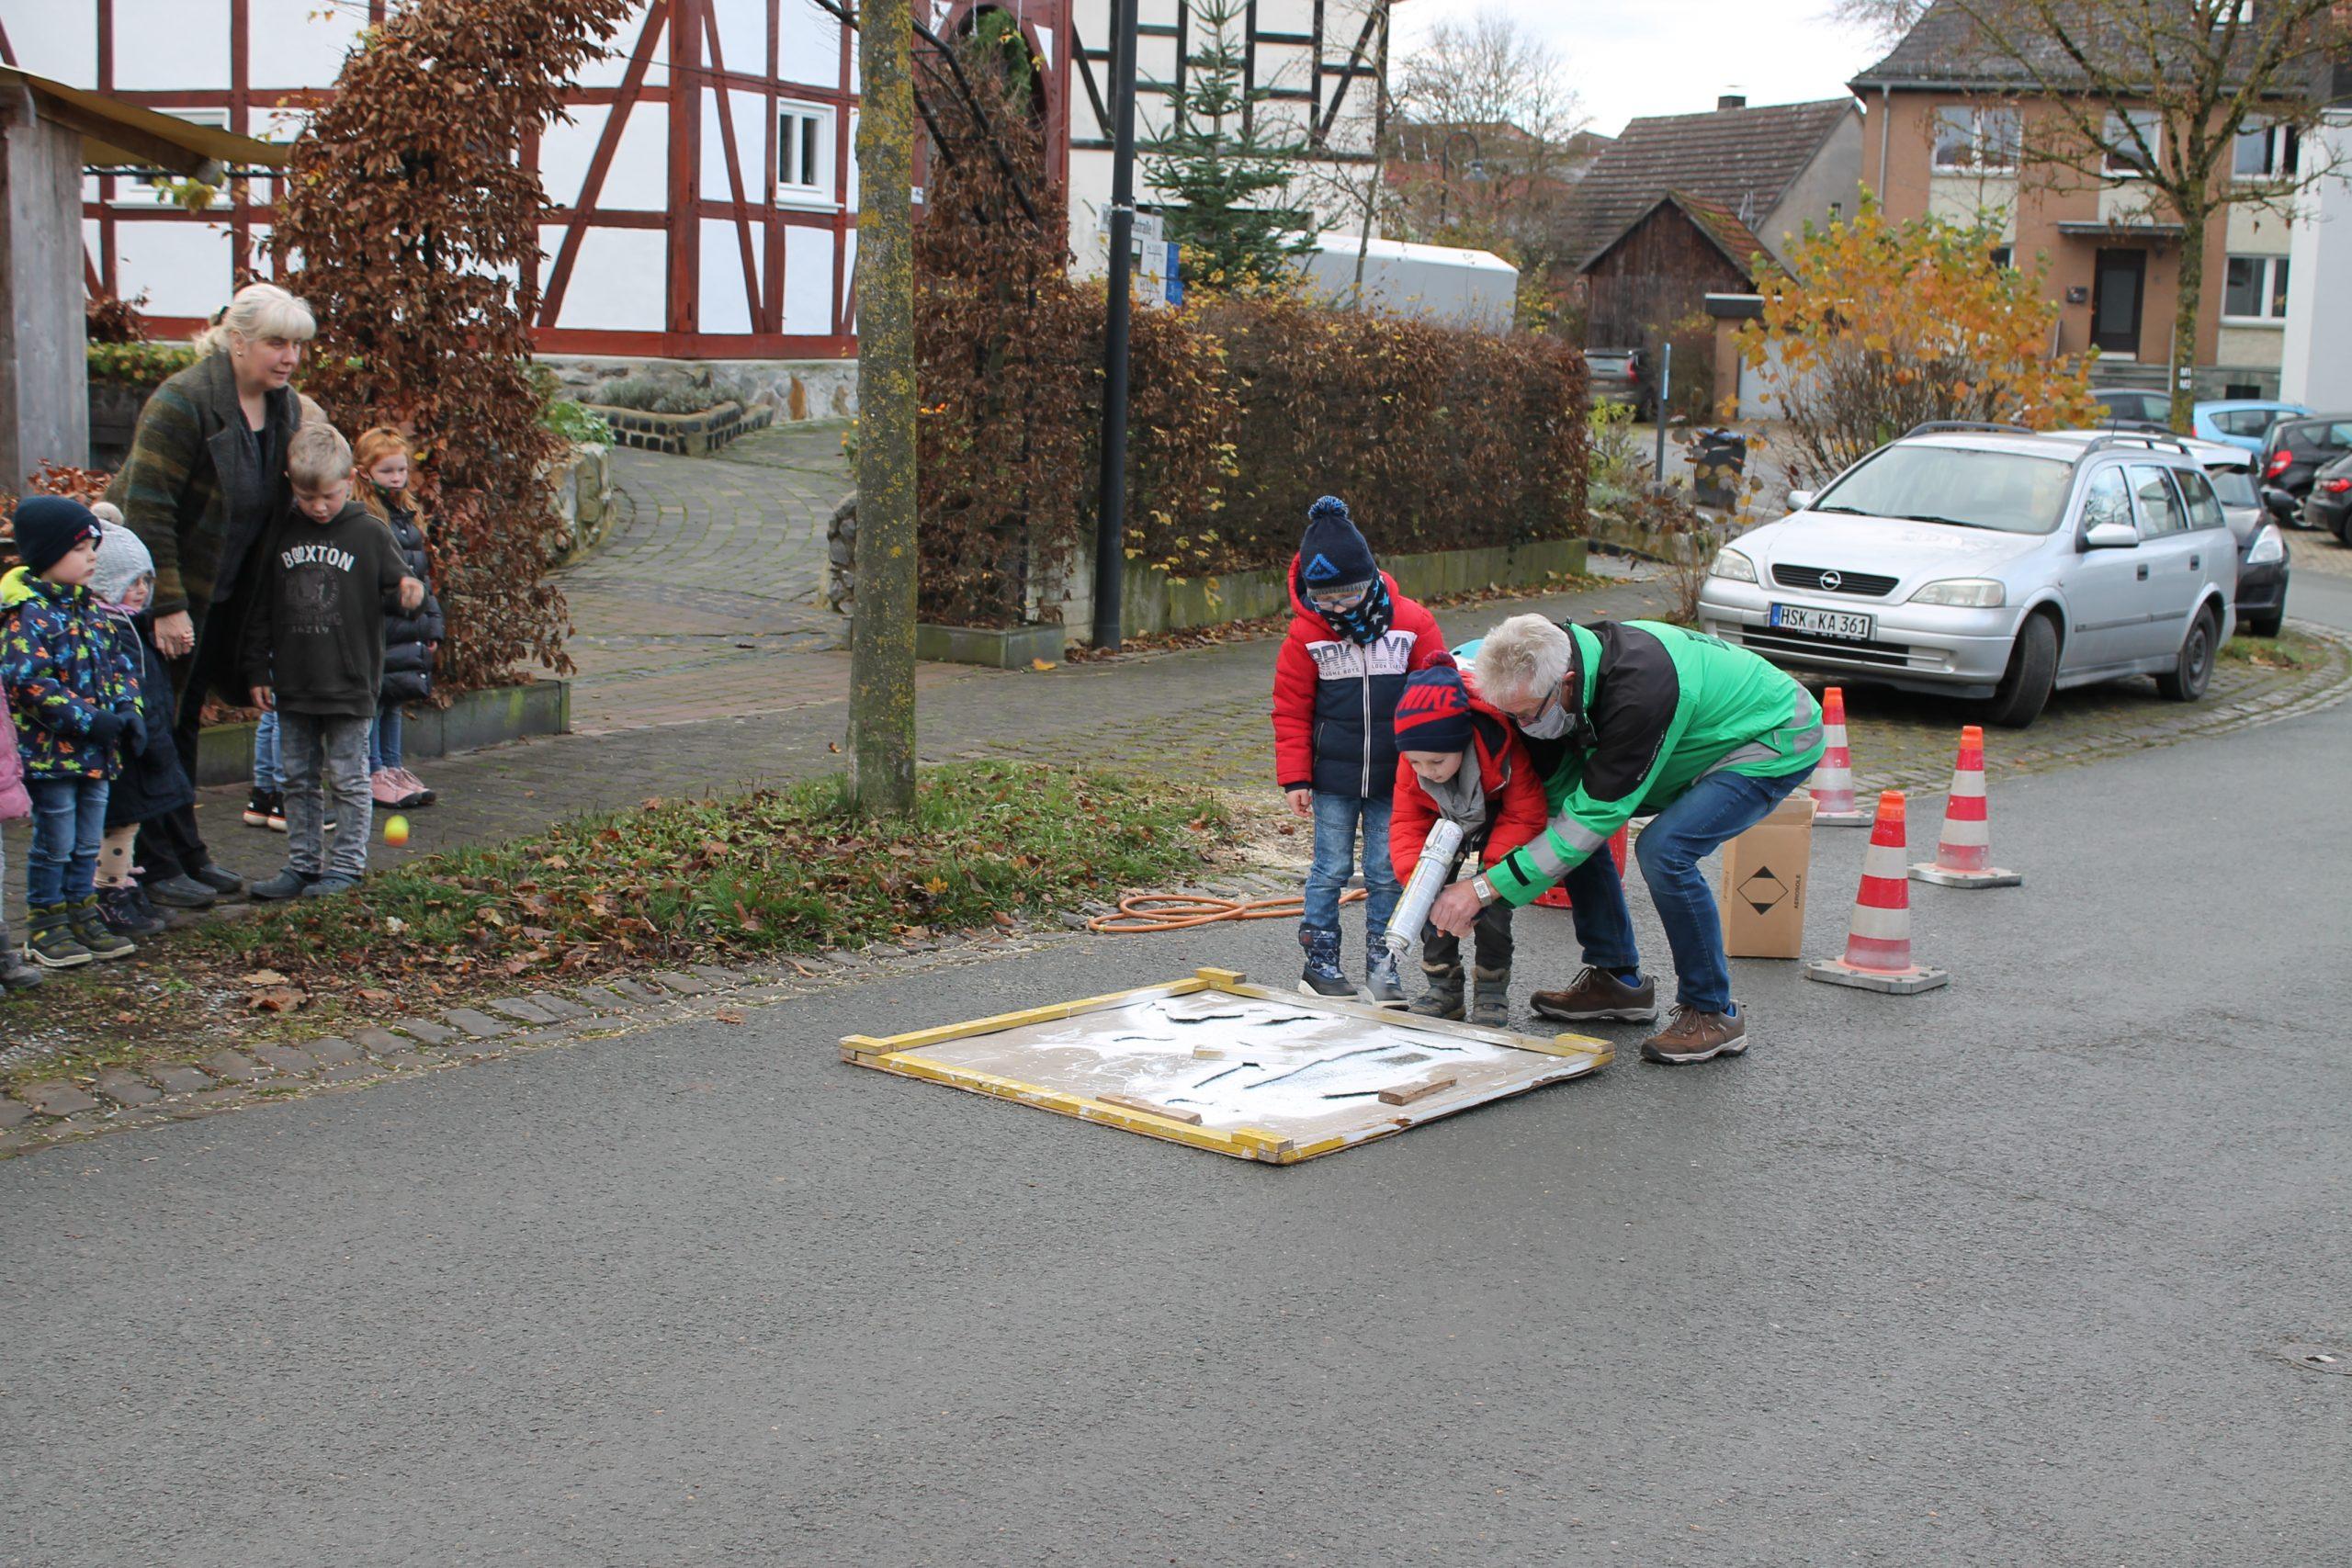 VW Brilon, Piktogramm Spielende Kinder